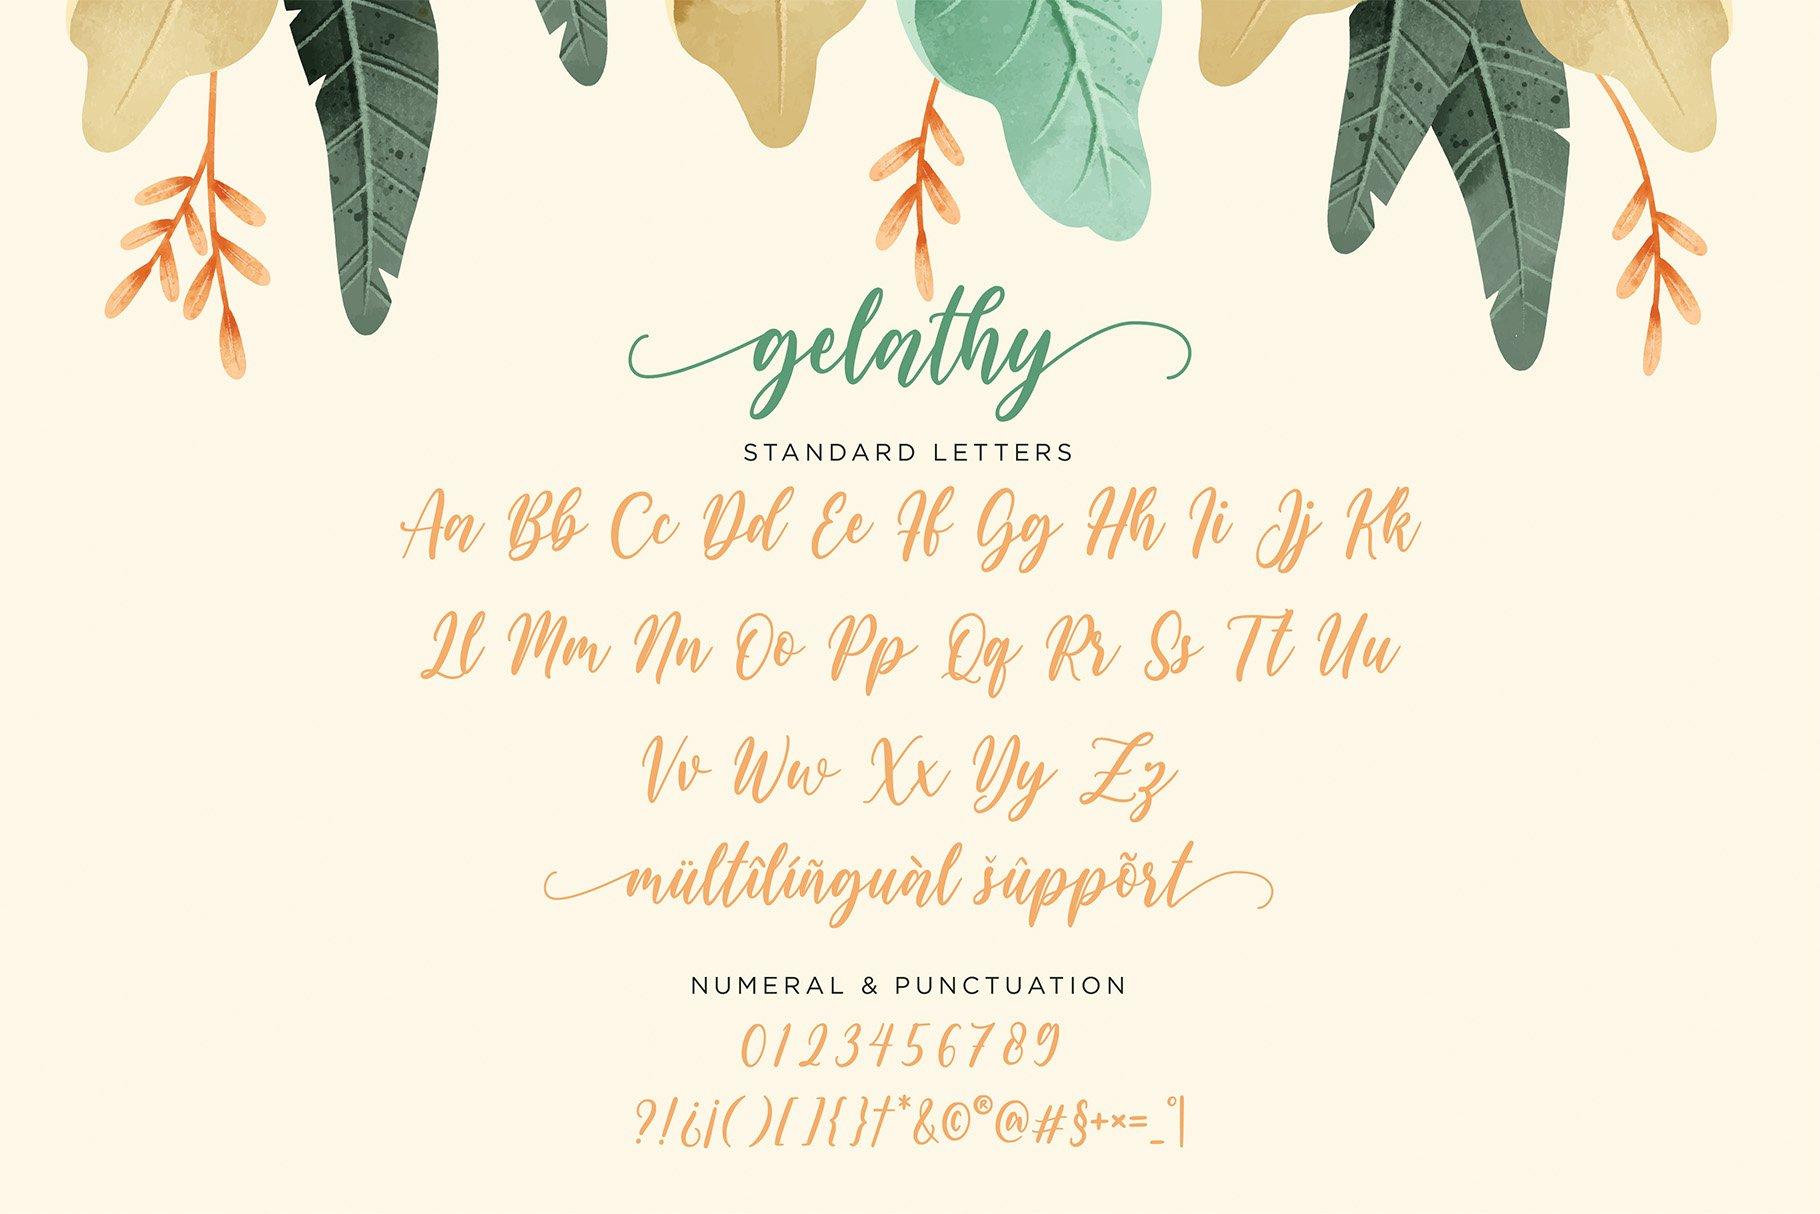 Gelathy - Modern Calligraphy example image 5